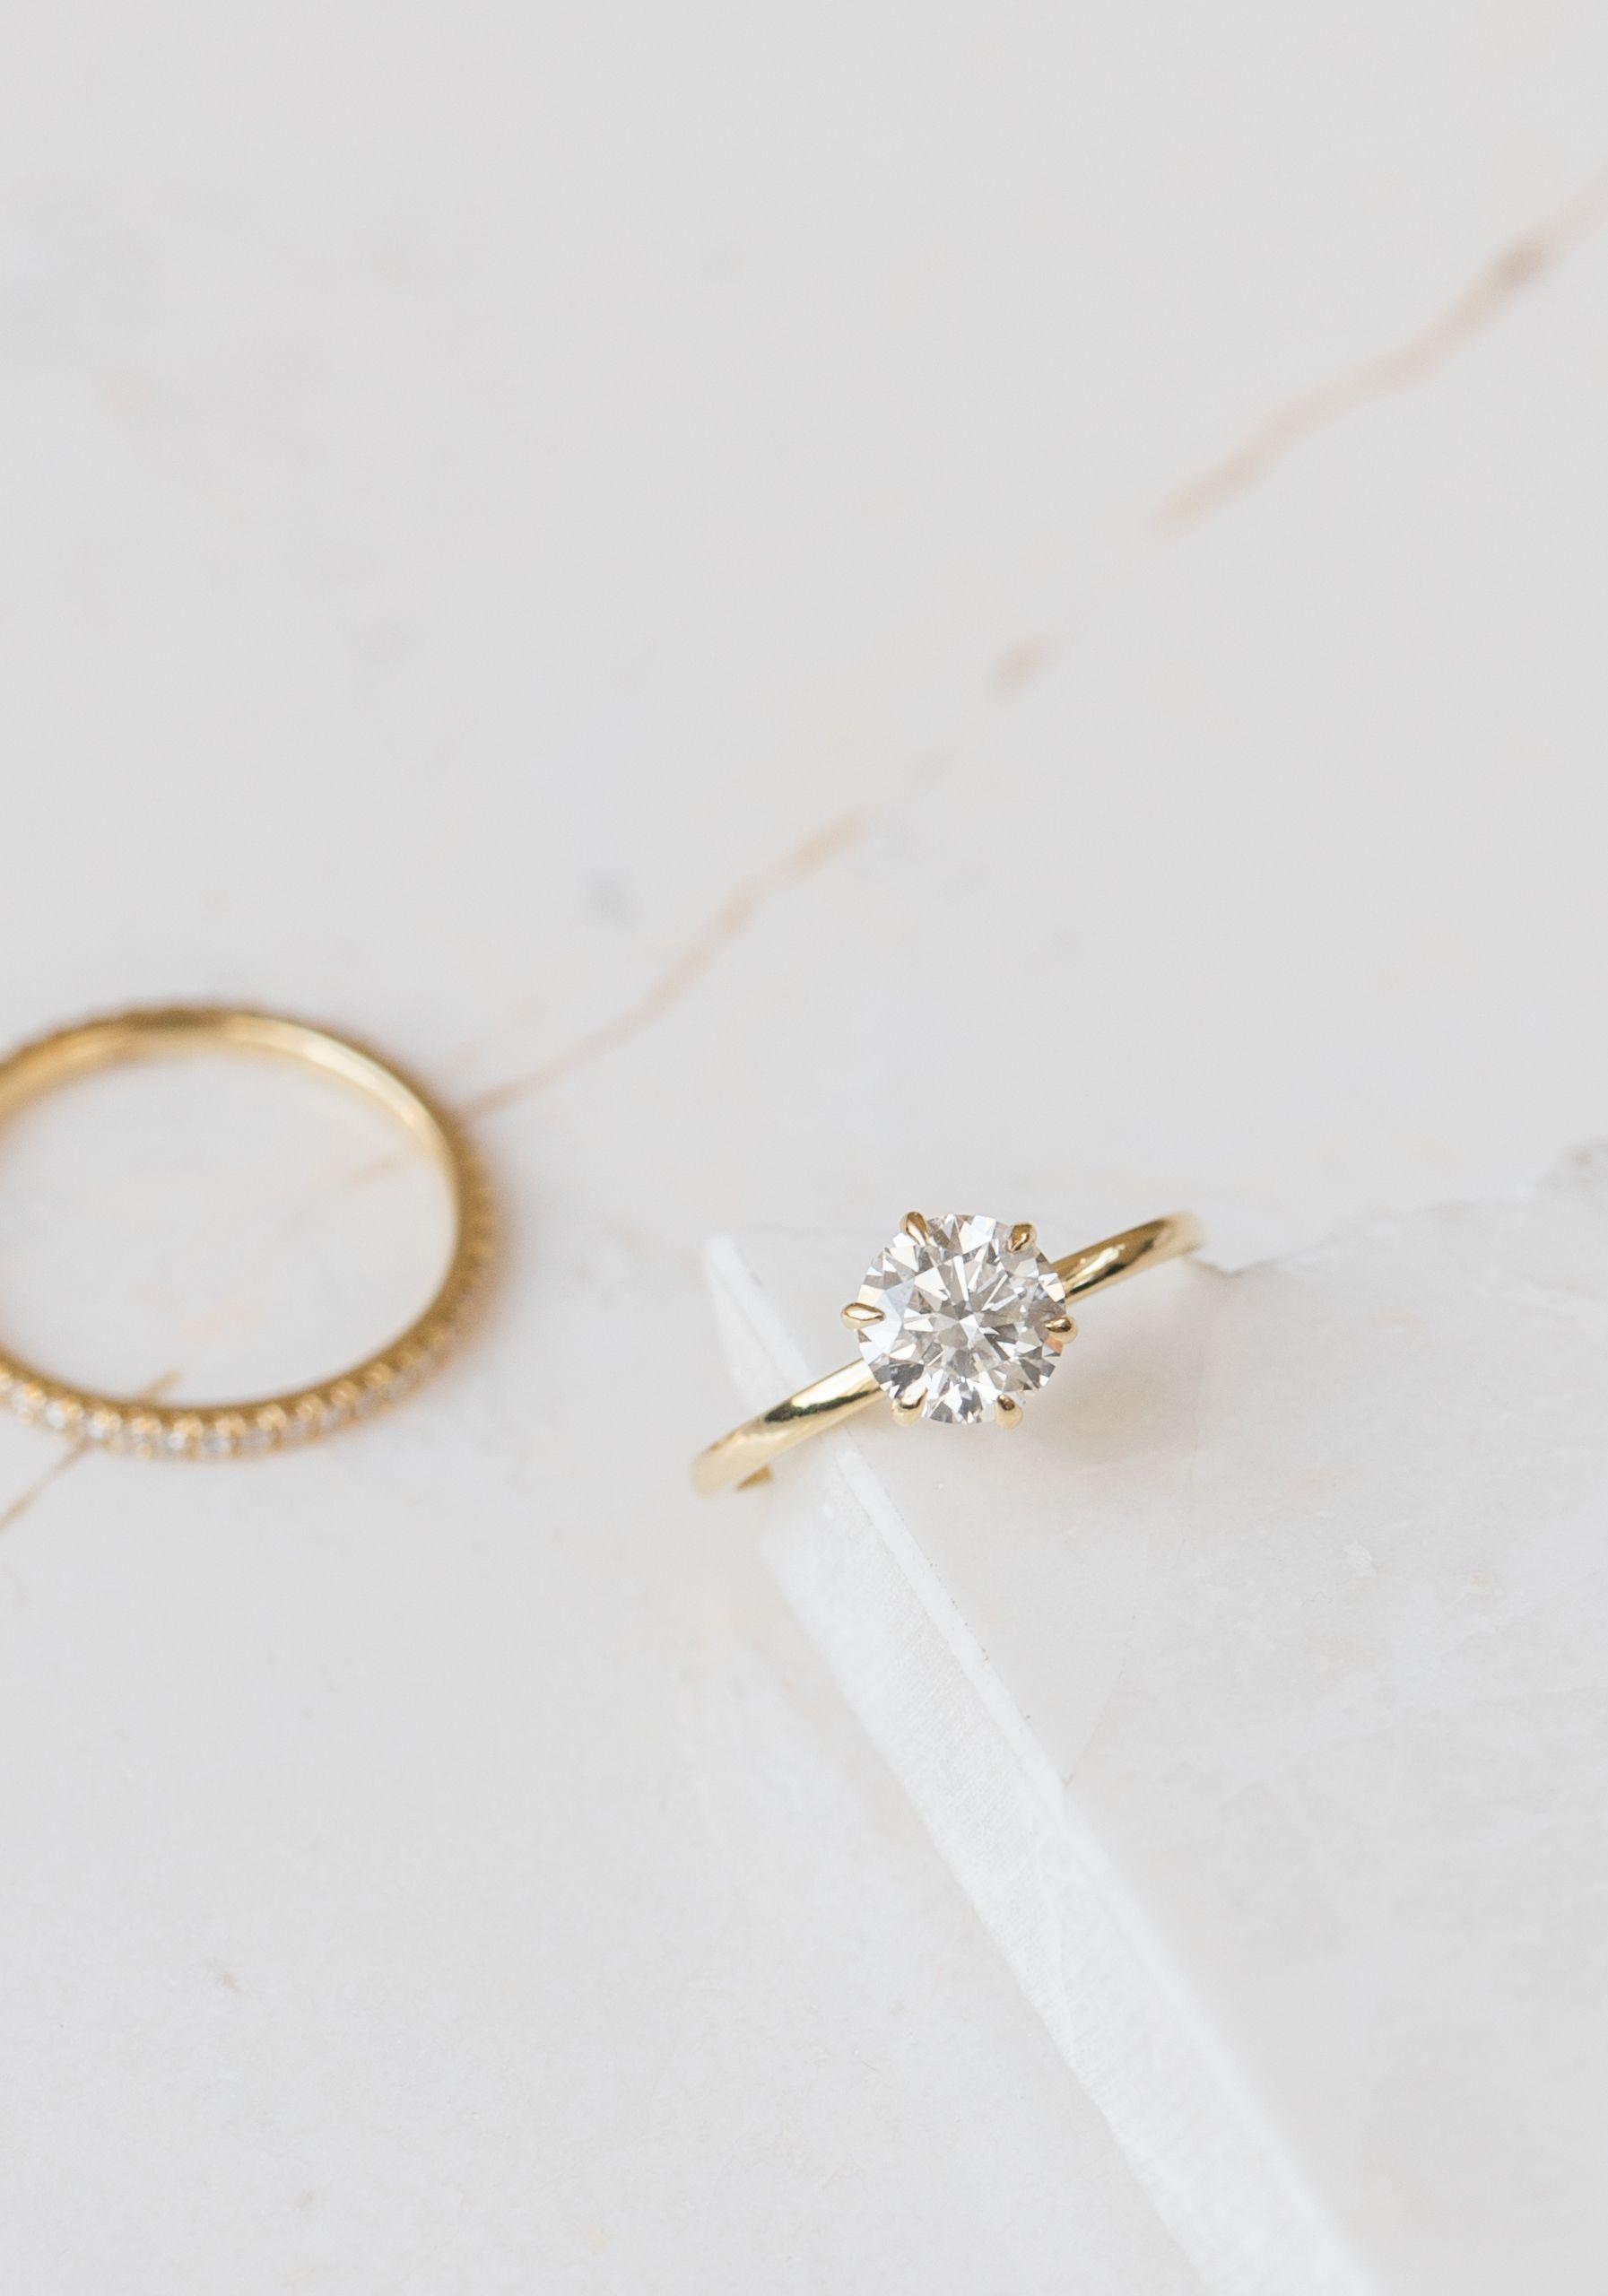 Anello di fidanzamento gioielleria